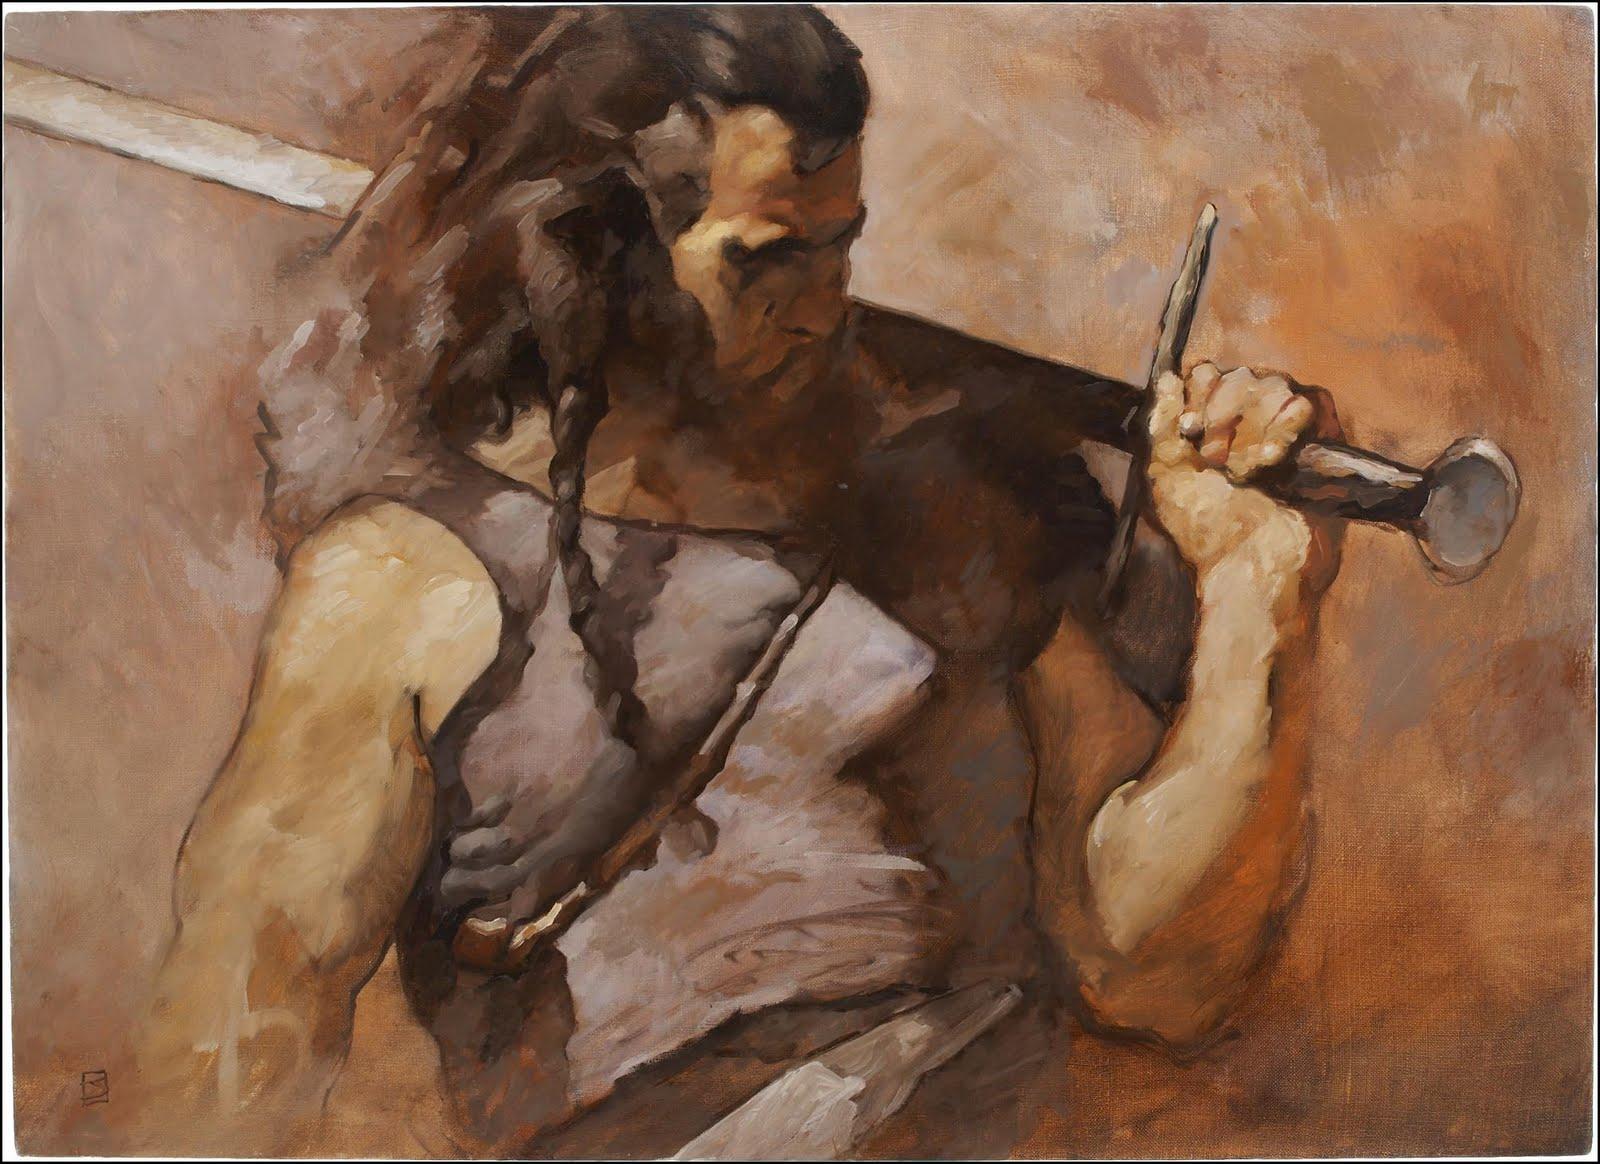 http://3.bp.blogspot.com/-Vx2xlzgbUFY/Td0DZT5mrFI/AAAAAAAAB6Y/P8ZakB4Df8I/s1600/jj-swordsman.jpg